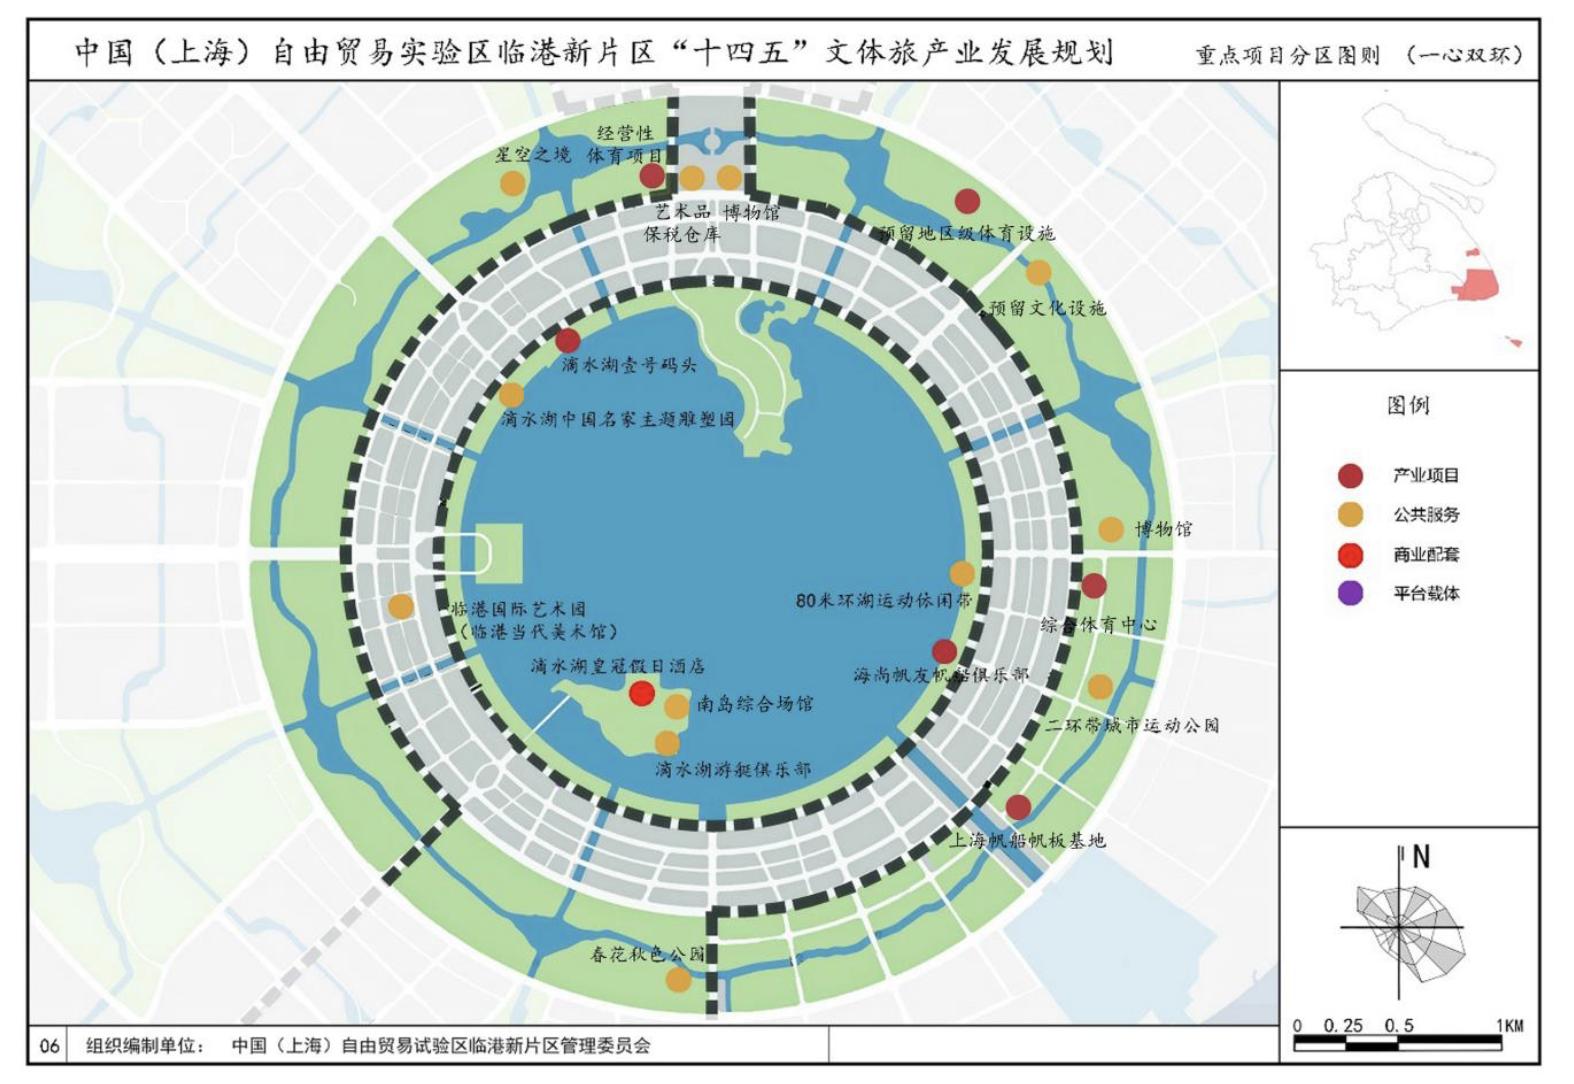 """星耀娱乐:临港""""十四五""""将建滴水湖国际旅游度假区,拟建海上音乐厅"""